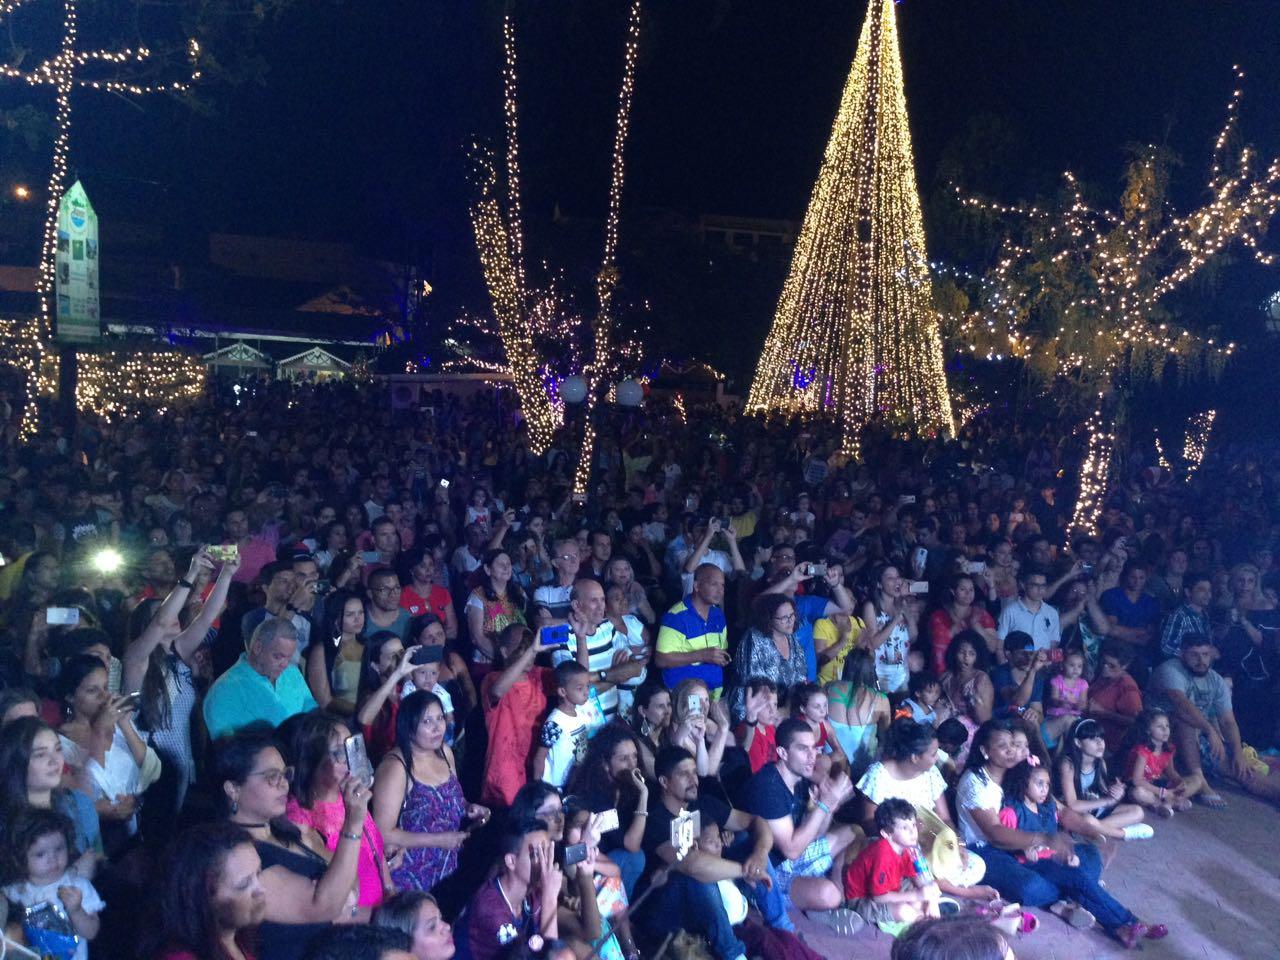 Brilho de Natal de 2017, em Domingos Martins. Crédito: Lilian Fuzato